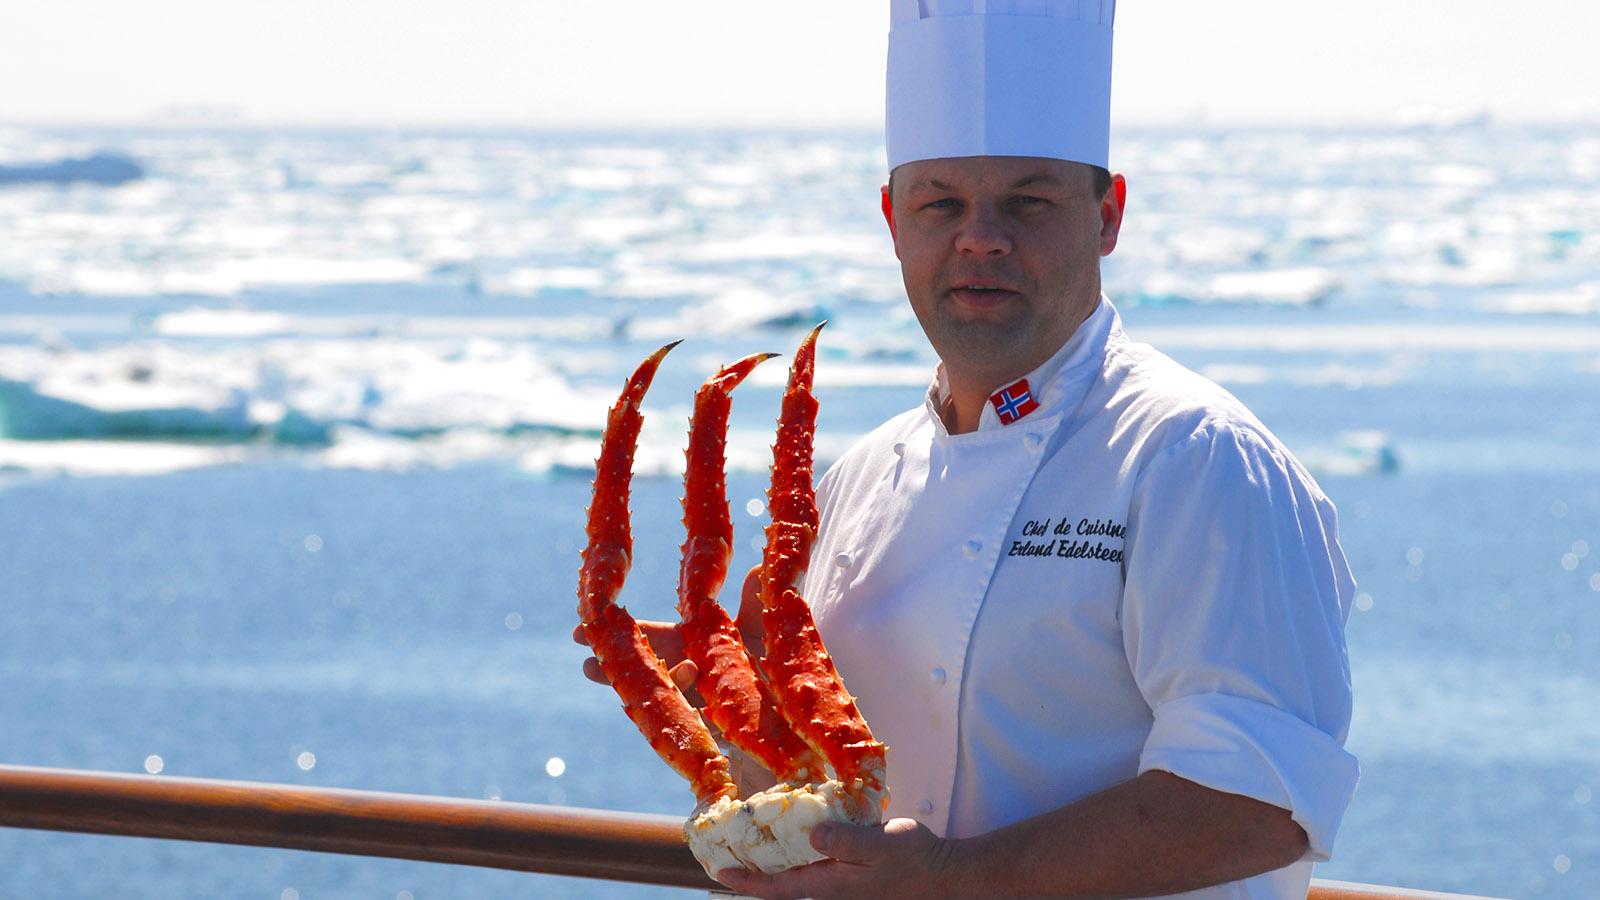 Mit MS Fram in Grönland. Königskrabbe aus dem arktischen Meer... der Küchenchef der MS Fram serviert lokale Küche an Bord. Foto: Hilke Maunder